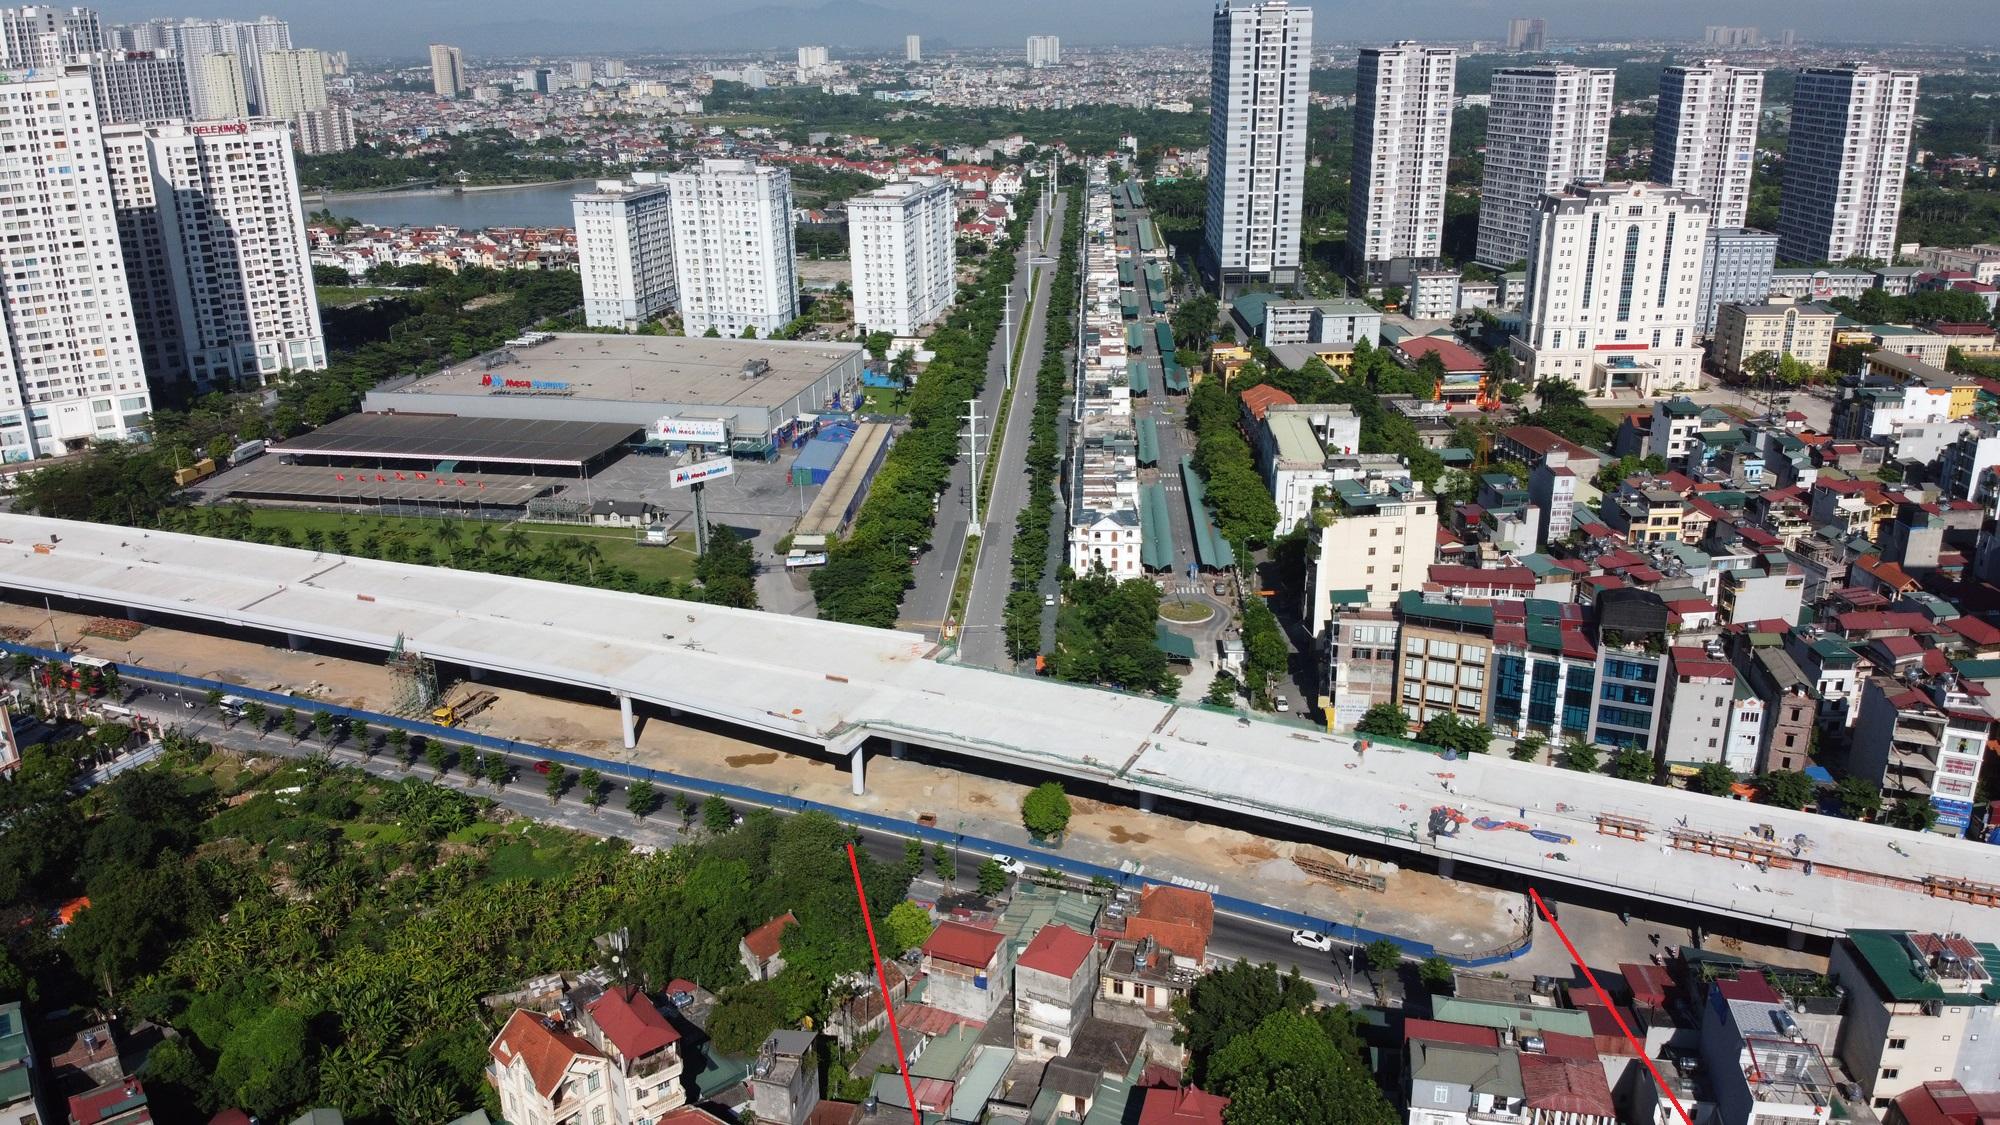 Kế hoạch sử dụng đất phường Cổ Nhuế 1, Bắc Từ Liêm, Hà Nội năm 2021 - Ảnh 1.